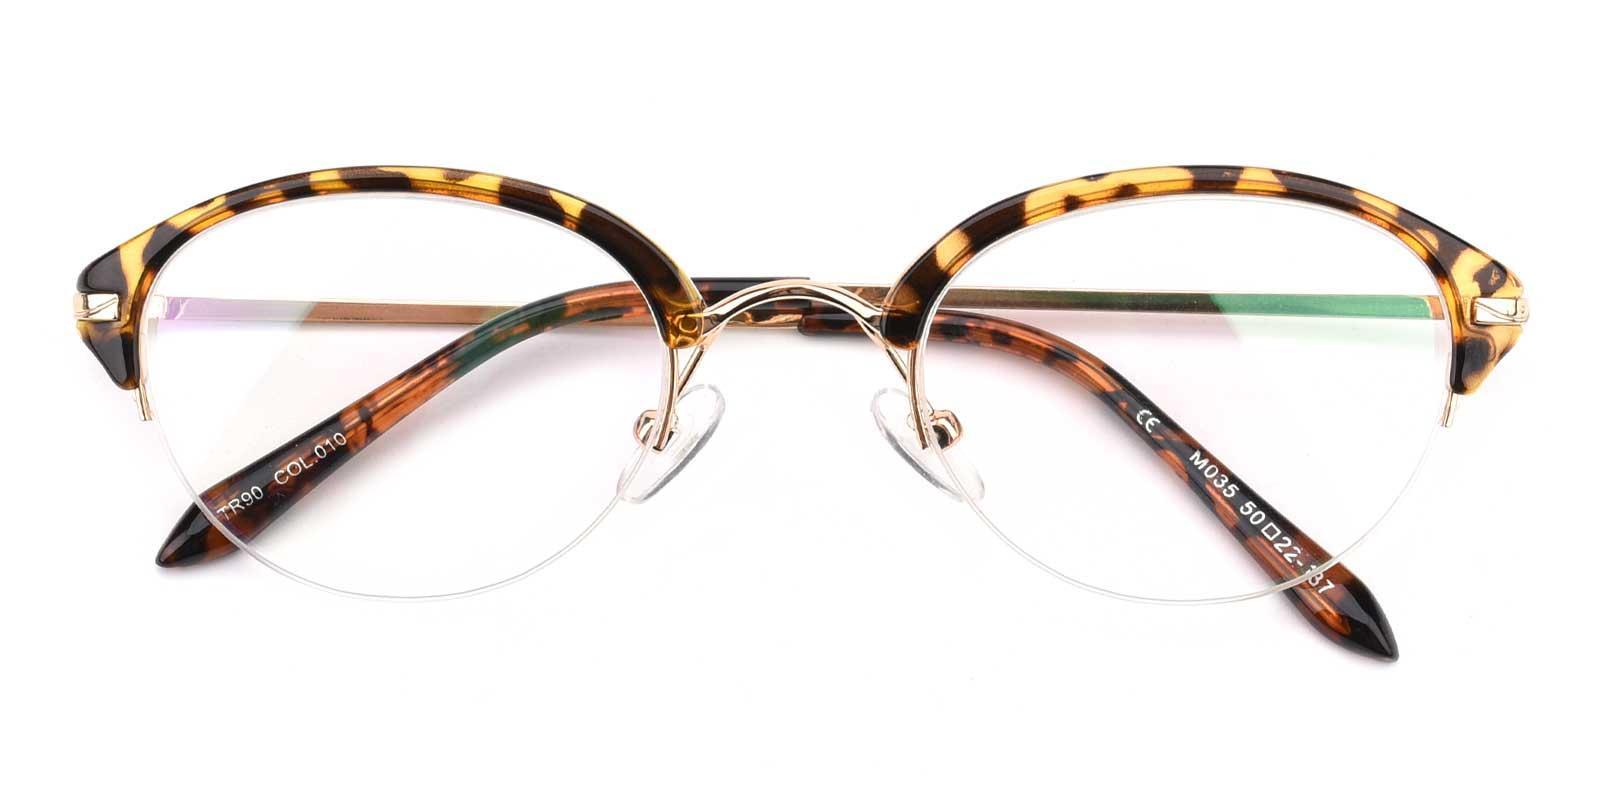 Quiller-Leopard-Oval-TR-Eyeglasses-detail